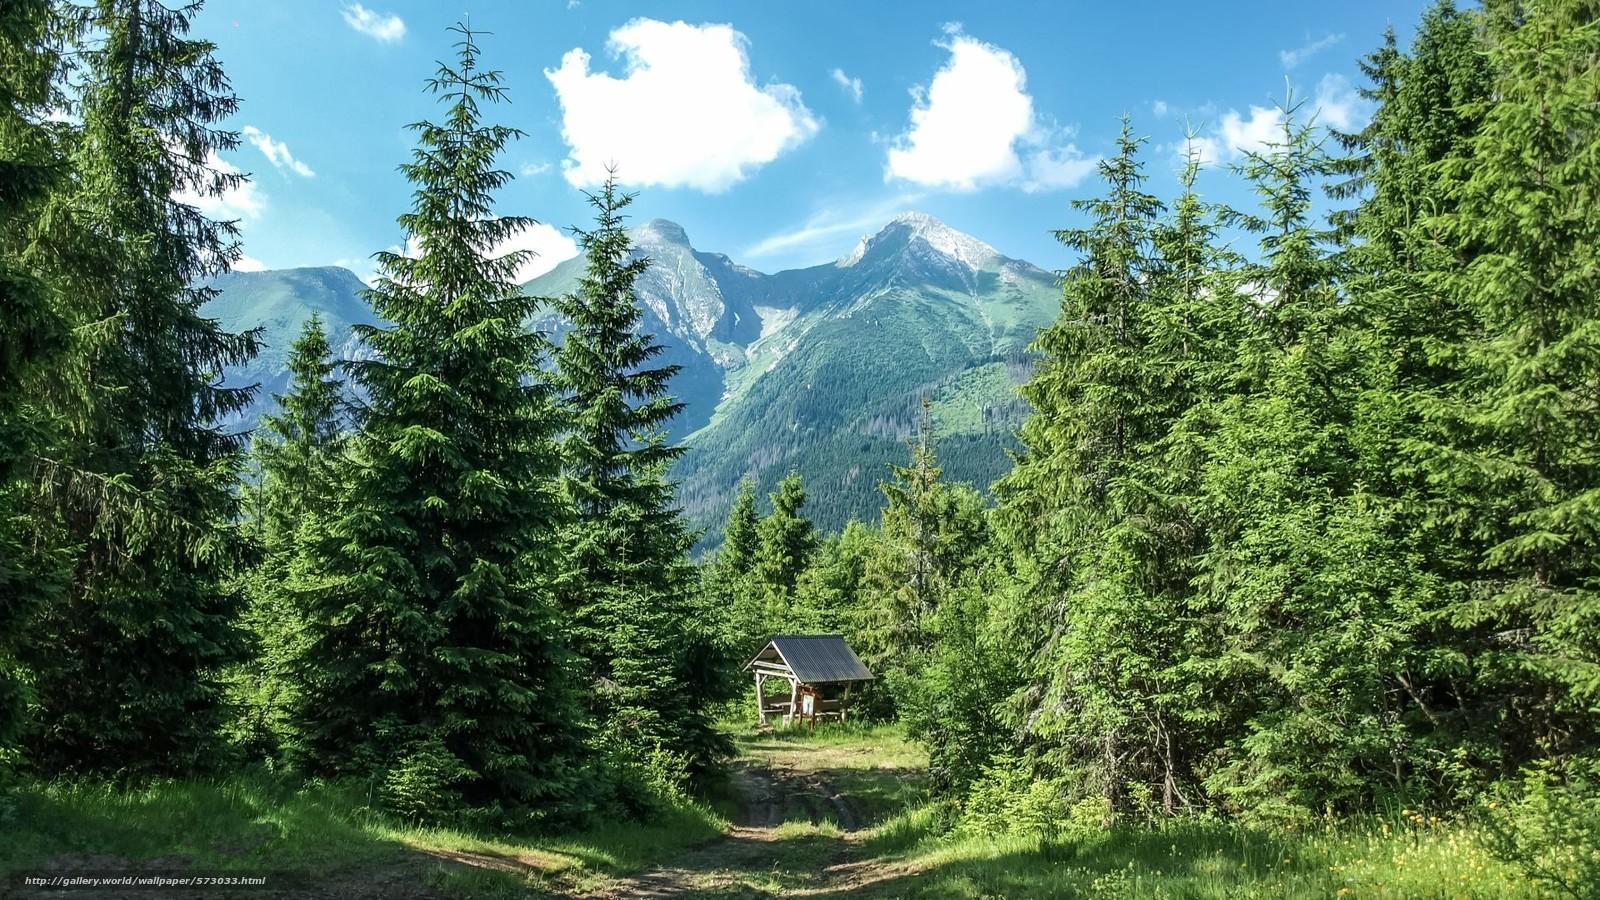 Скачать обои лес горы деревья пейзаж